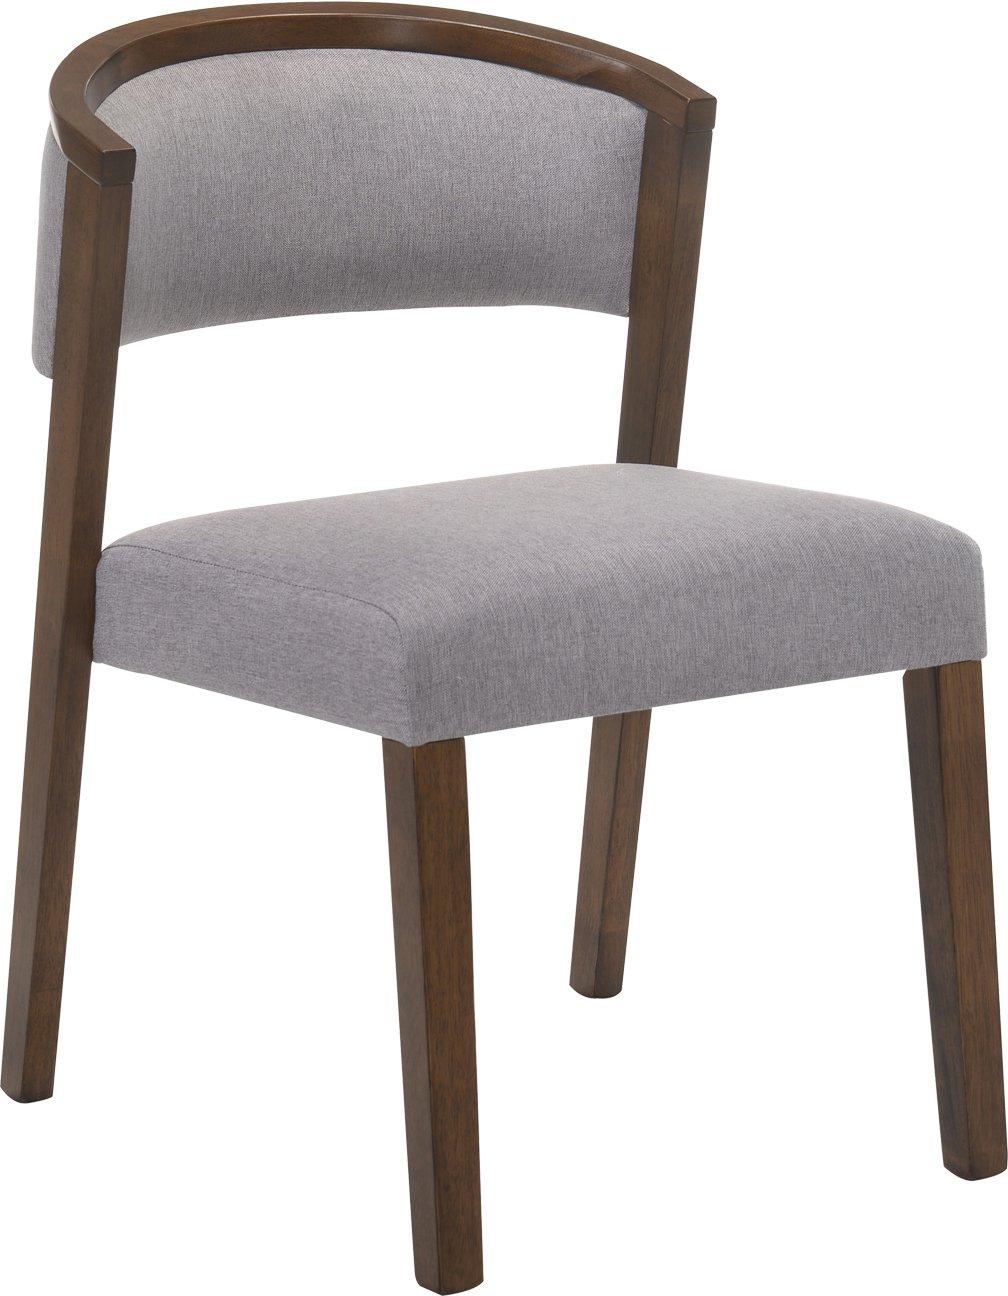 Καρέκλα Nimvek-Γκρι Ανοιχτό